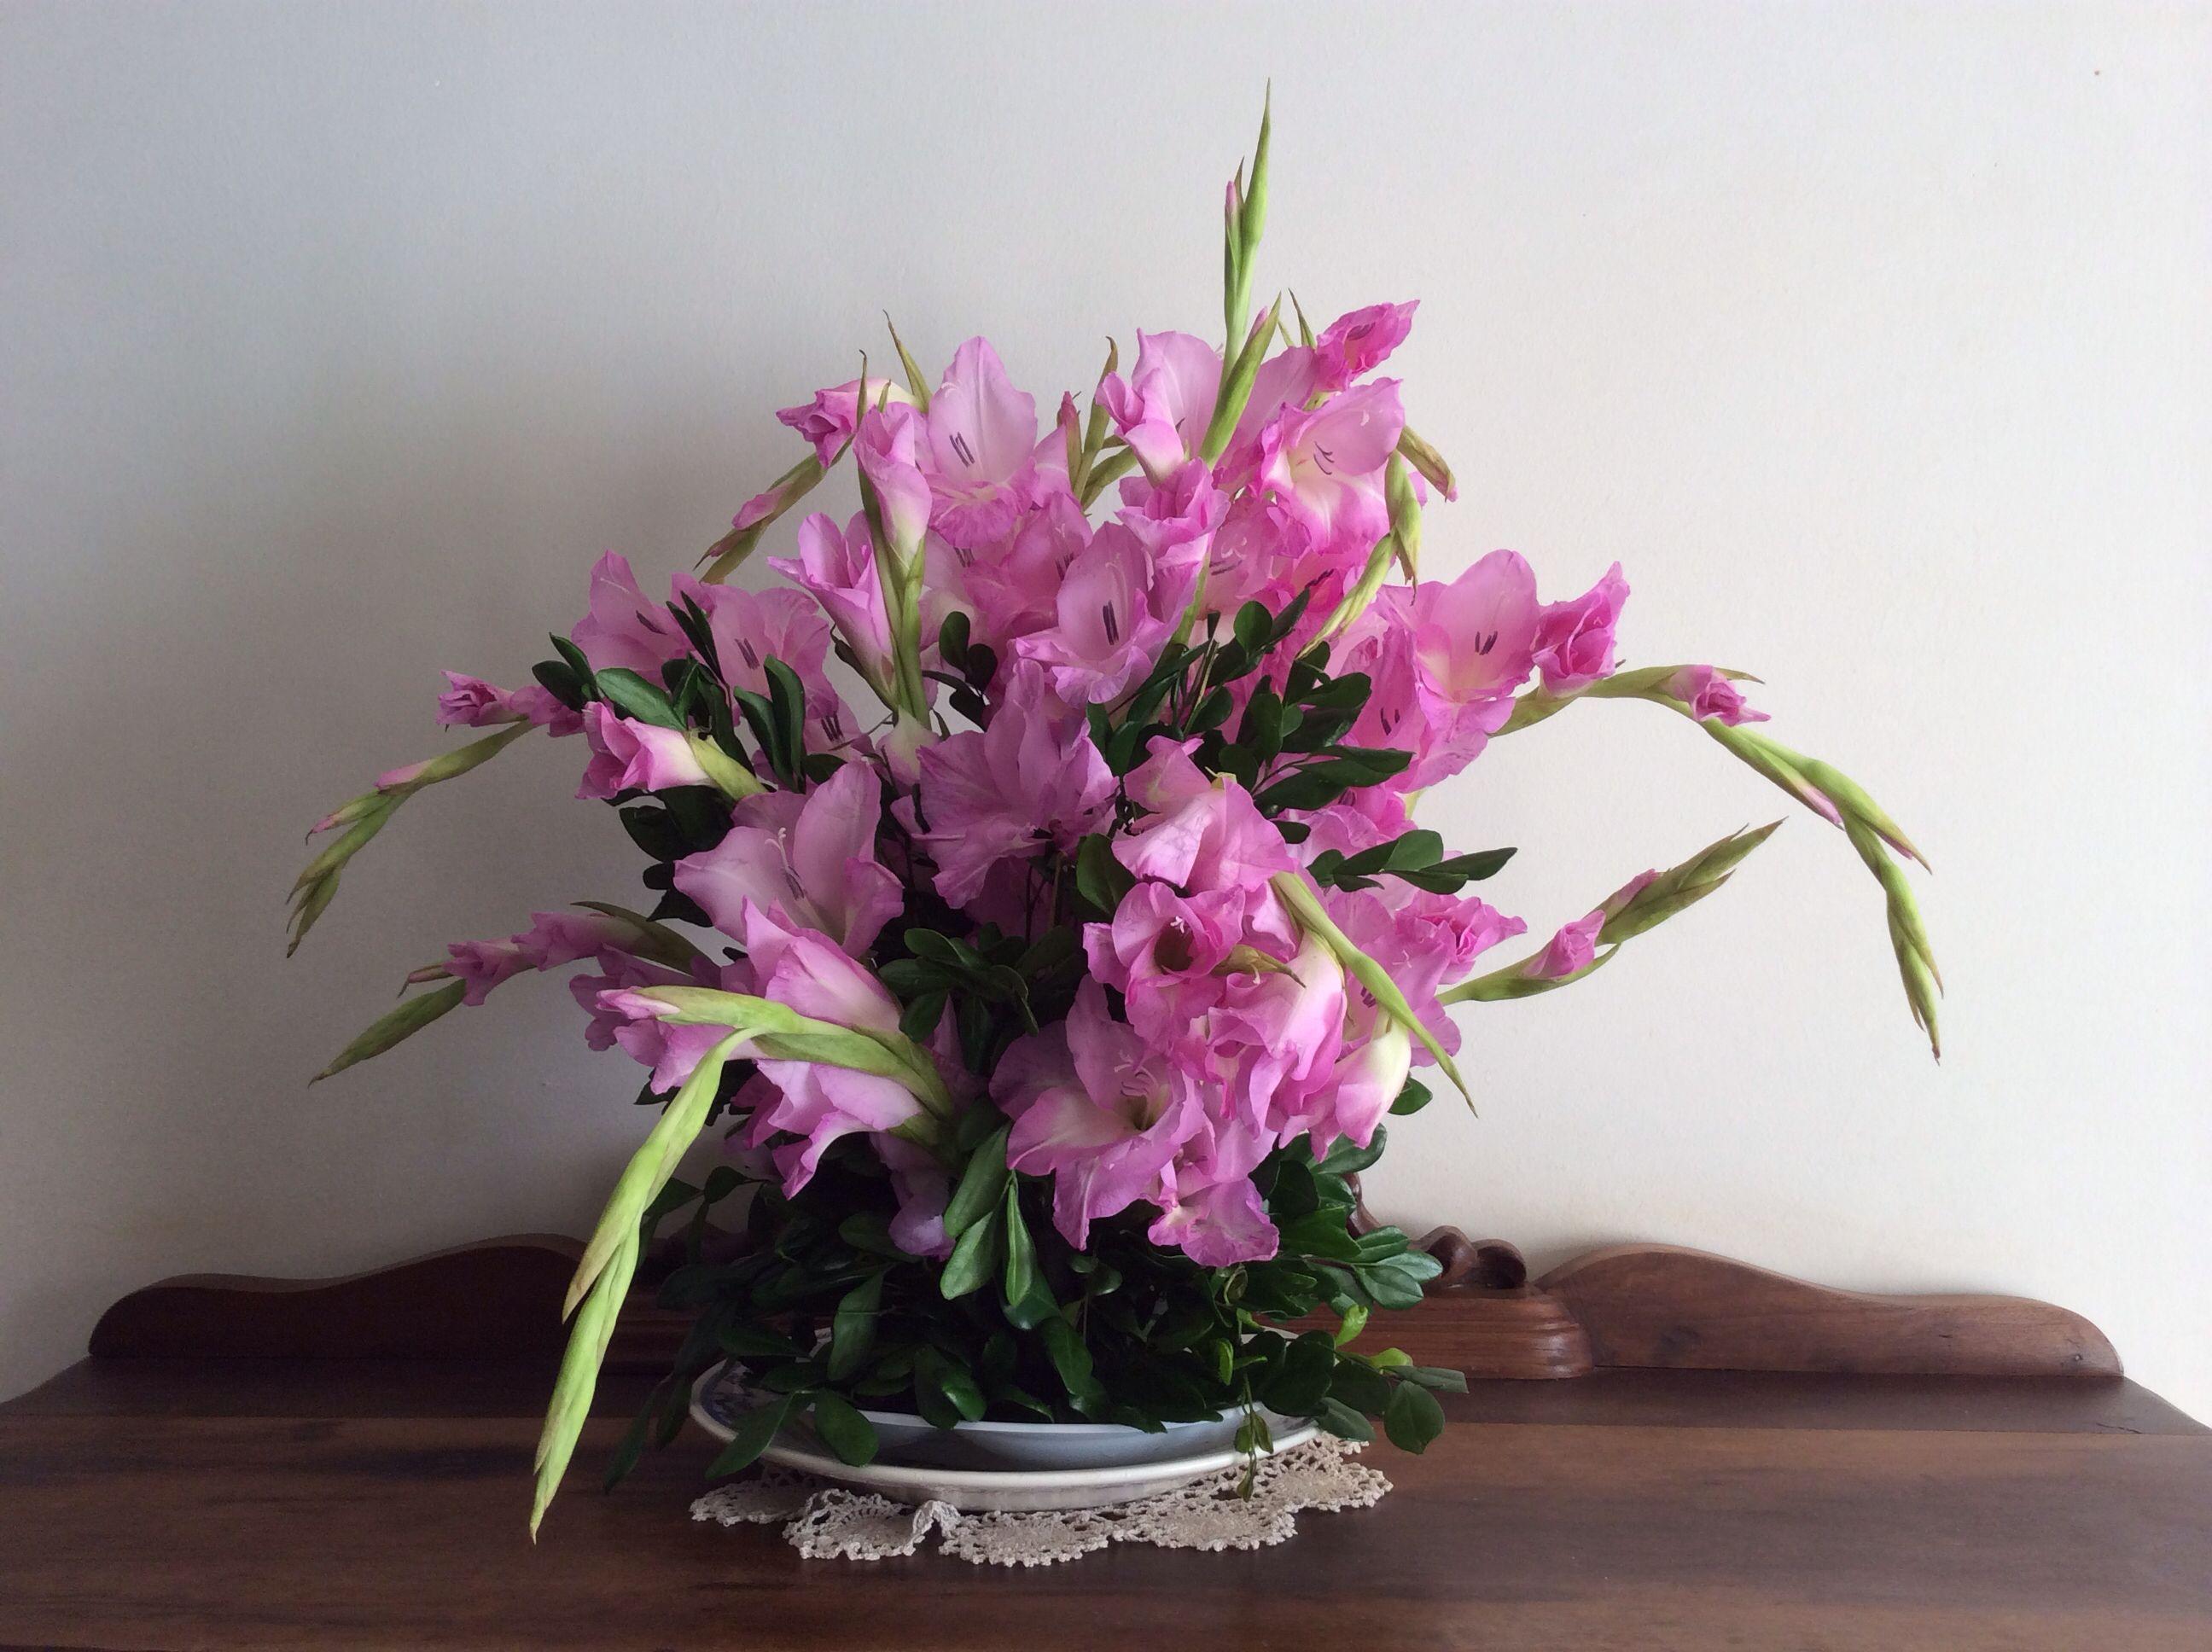 *******vaso com flores de minha casa*******